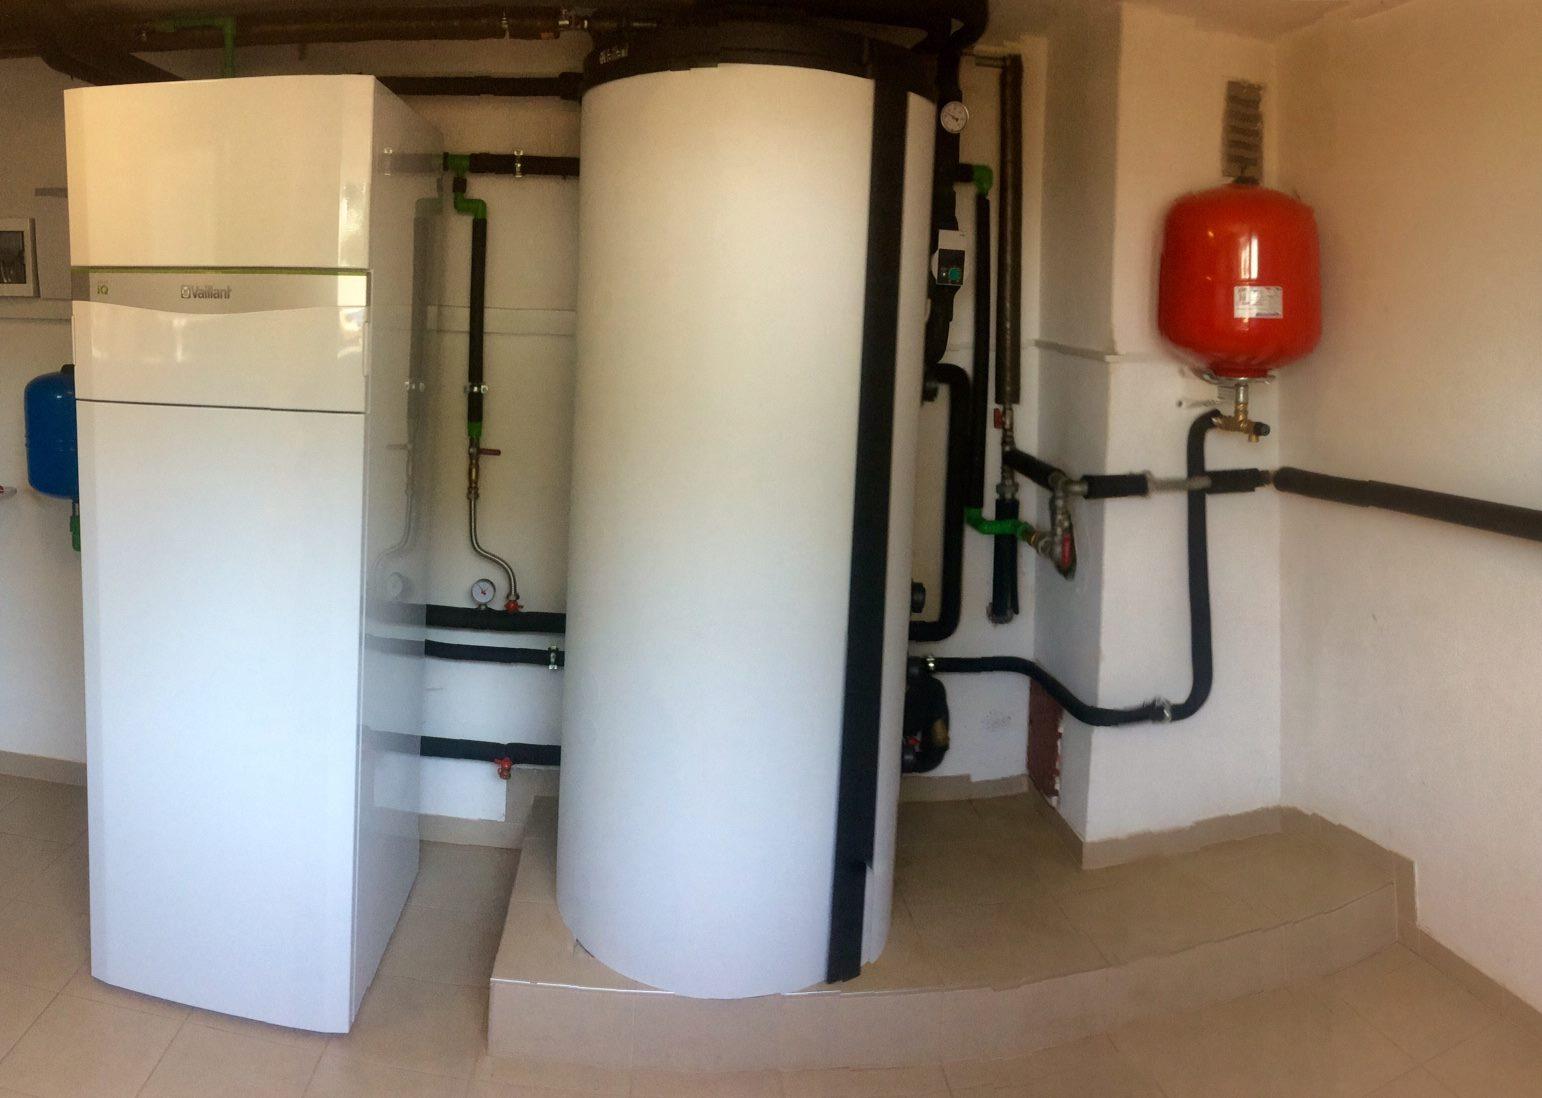 Nova kurilnica s toplotno črpalko sistema voda-voda v kombinaciji s fotovoltaiko